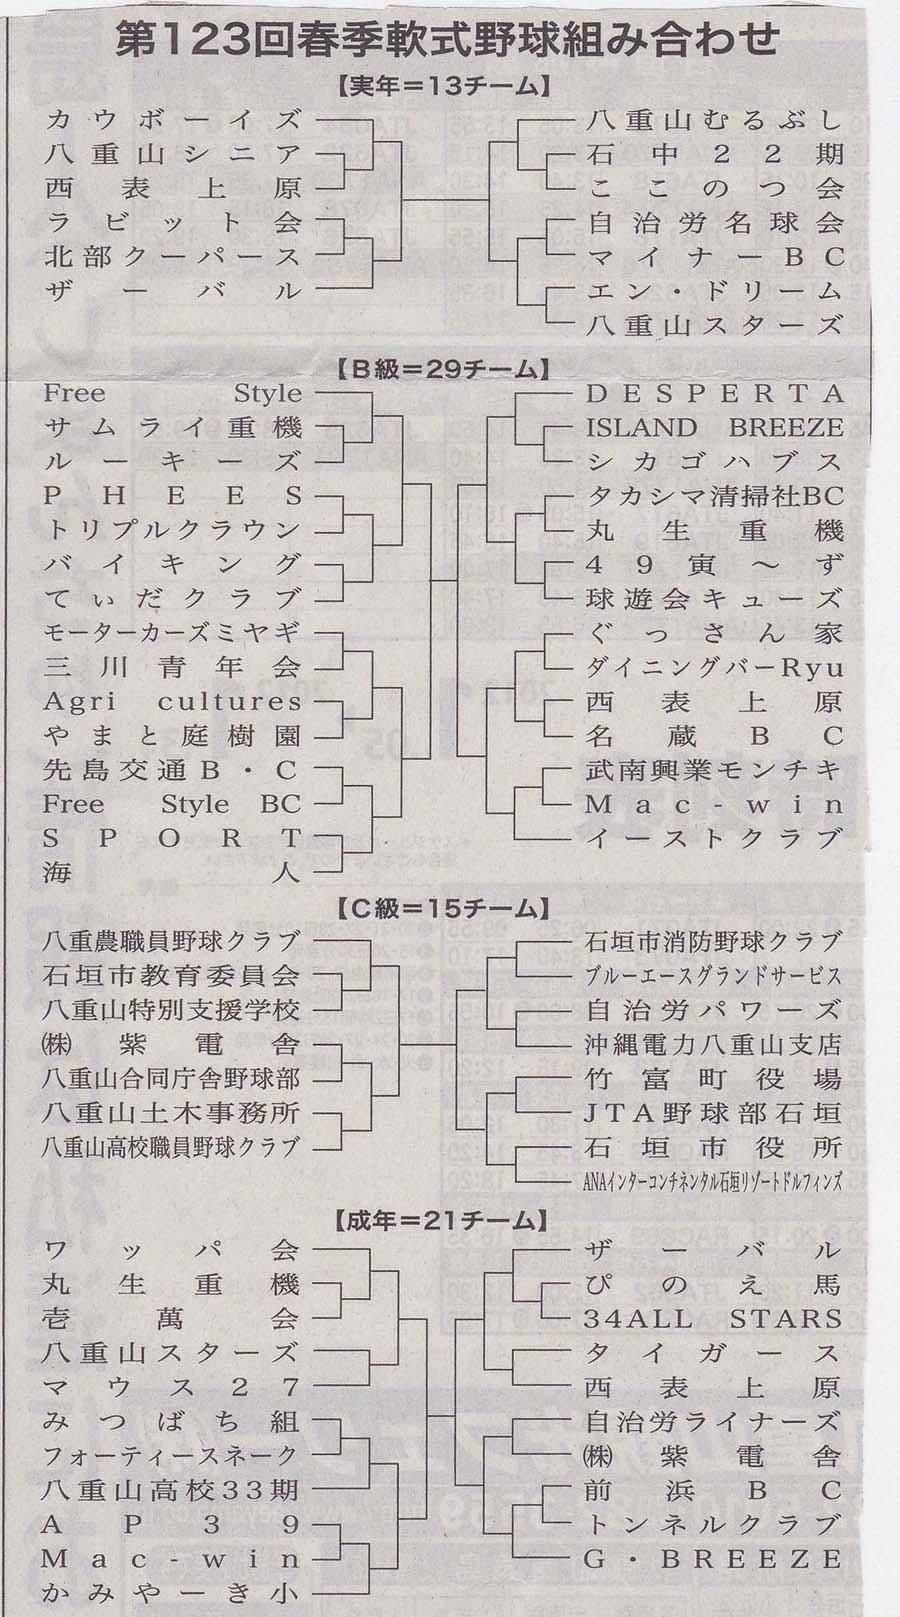 対戦表.jpg